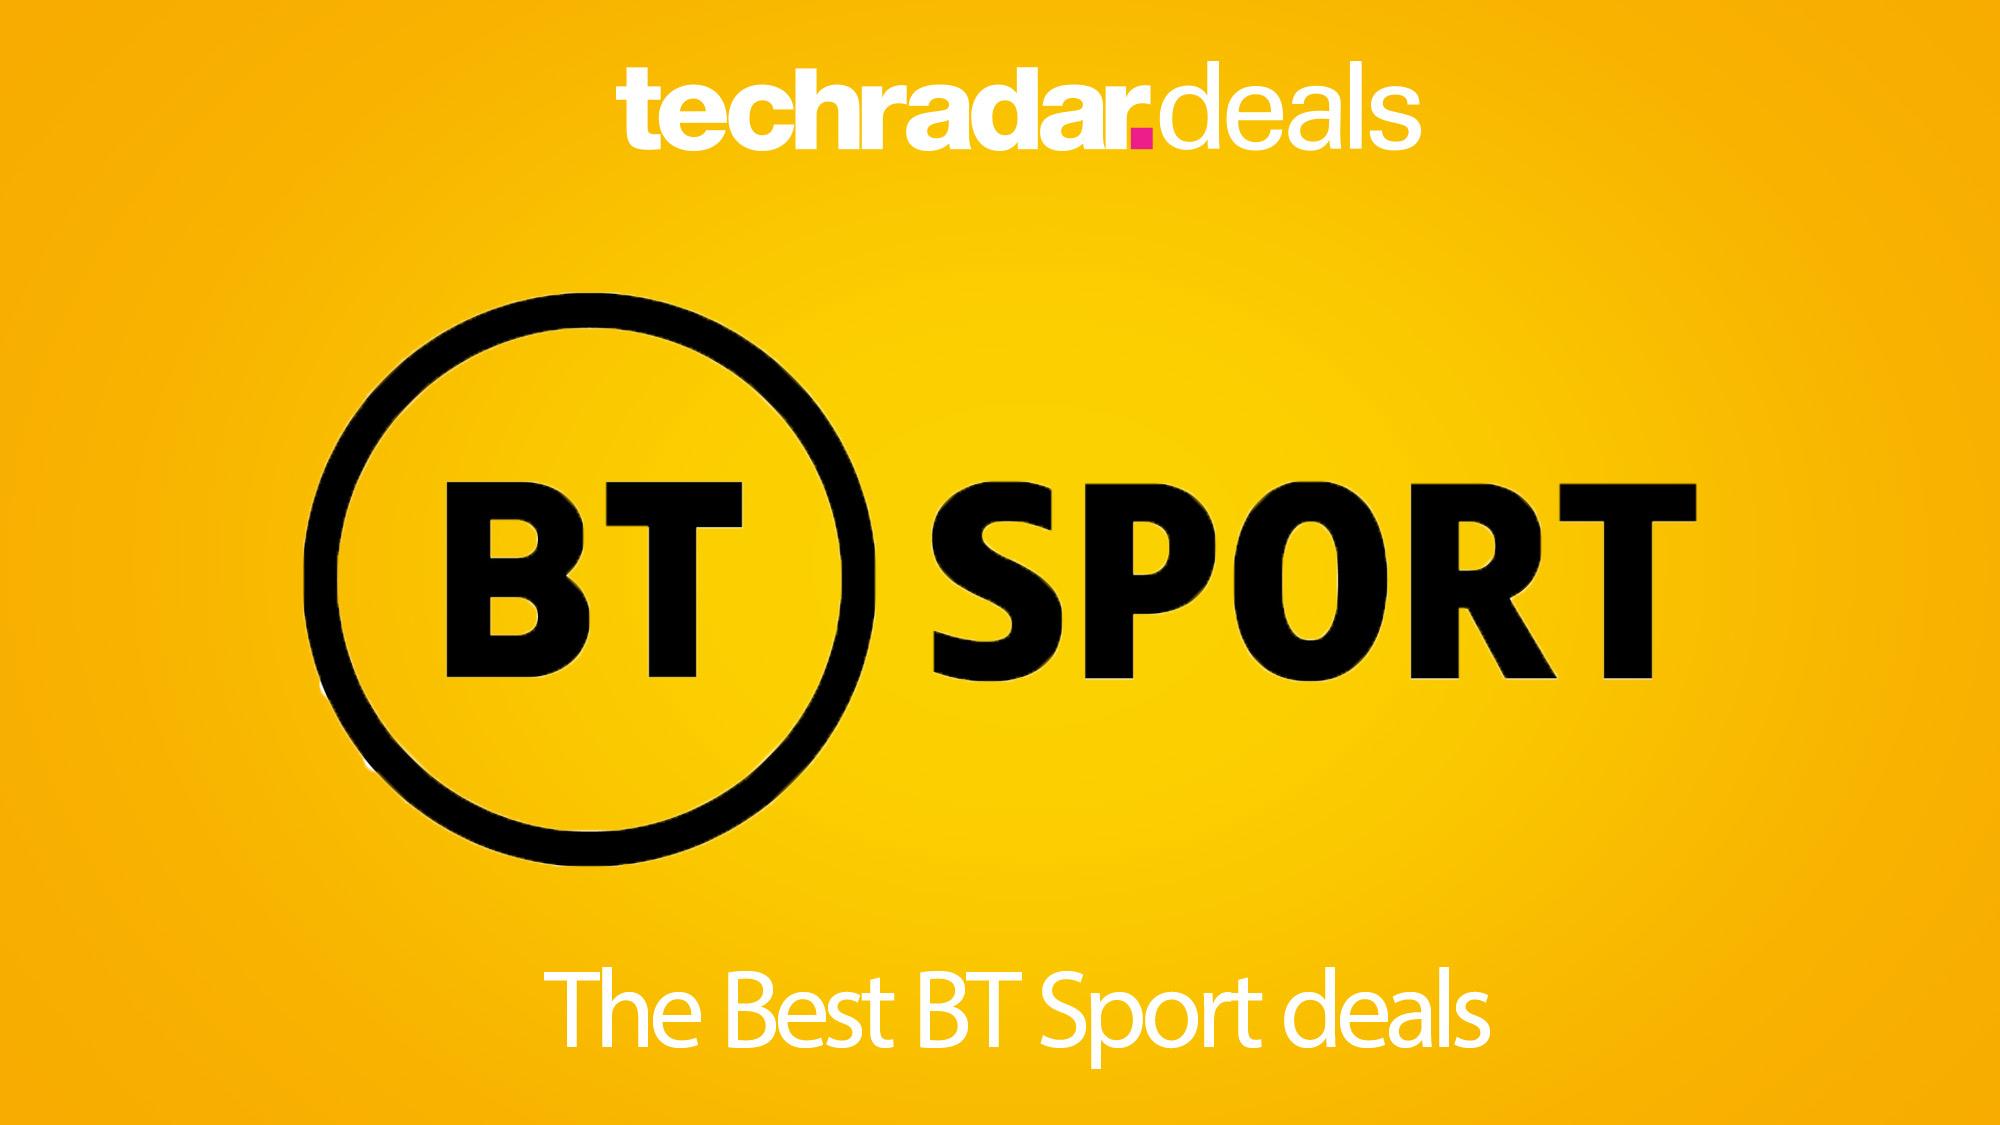 The Best Bt Sport Deals Offers And Packages Techradar